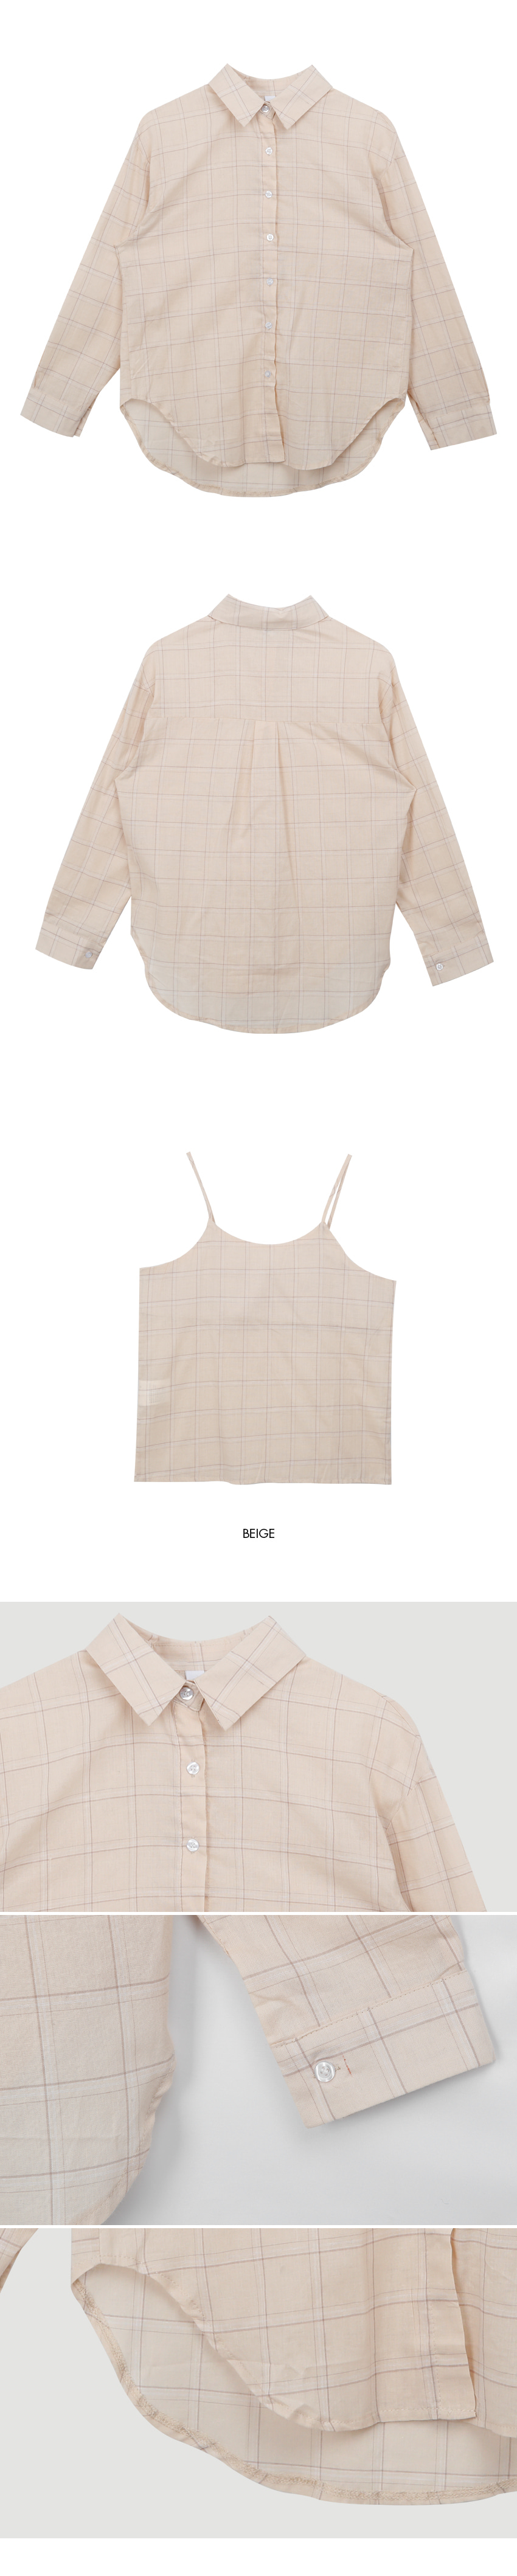 Daily check shirt set